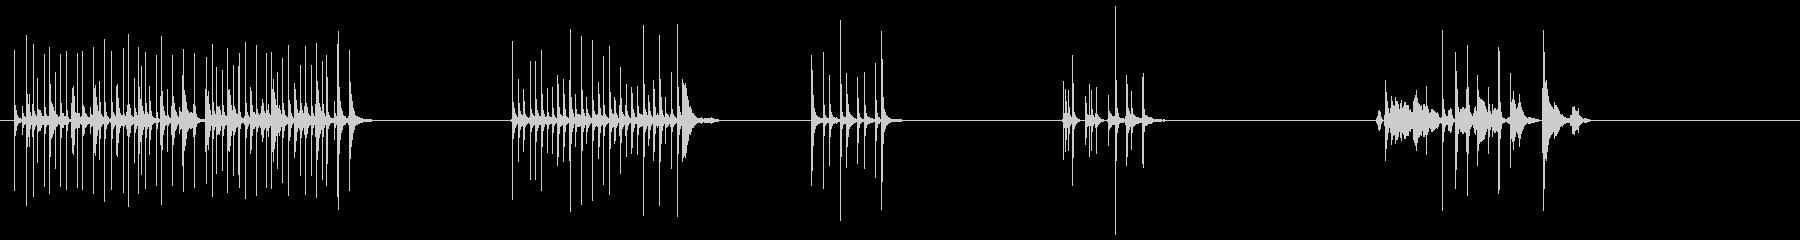 漫画、アクセントキッチンバンド、音...の未再生の波形